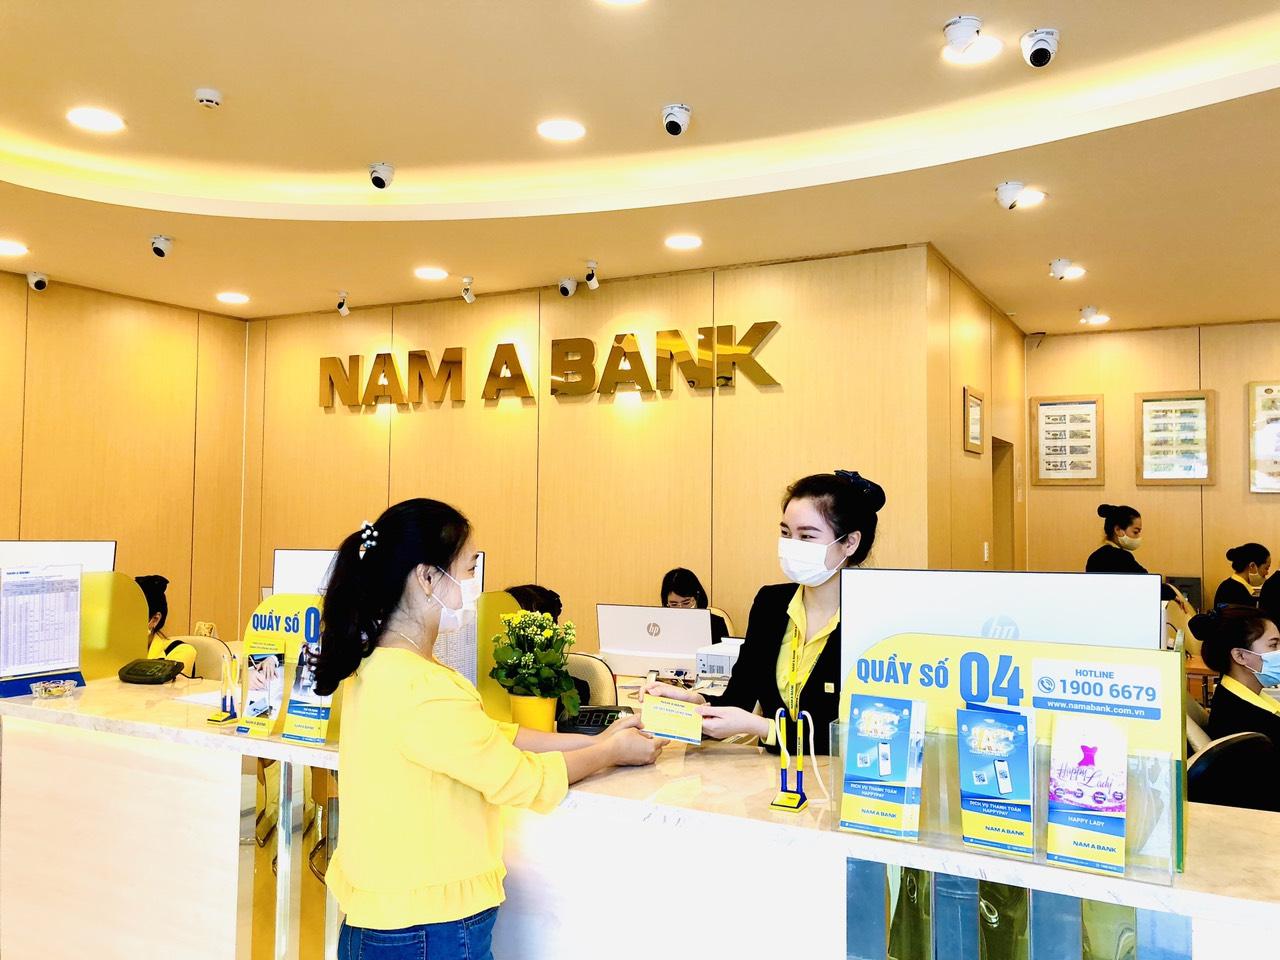 Nam A Bank đưa vào hoạt động chi nhánh Thừa Thiên Huế, tiếp tục mở rộng mạng lưới tại miền Trung - Ảnh 1.